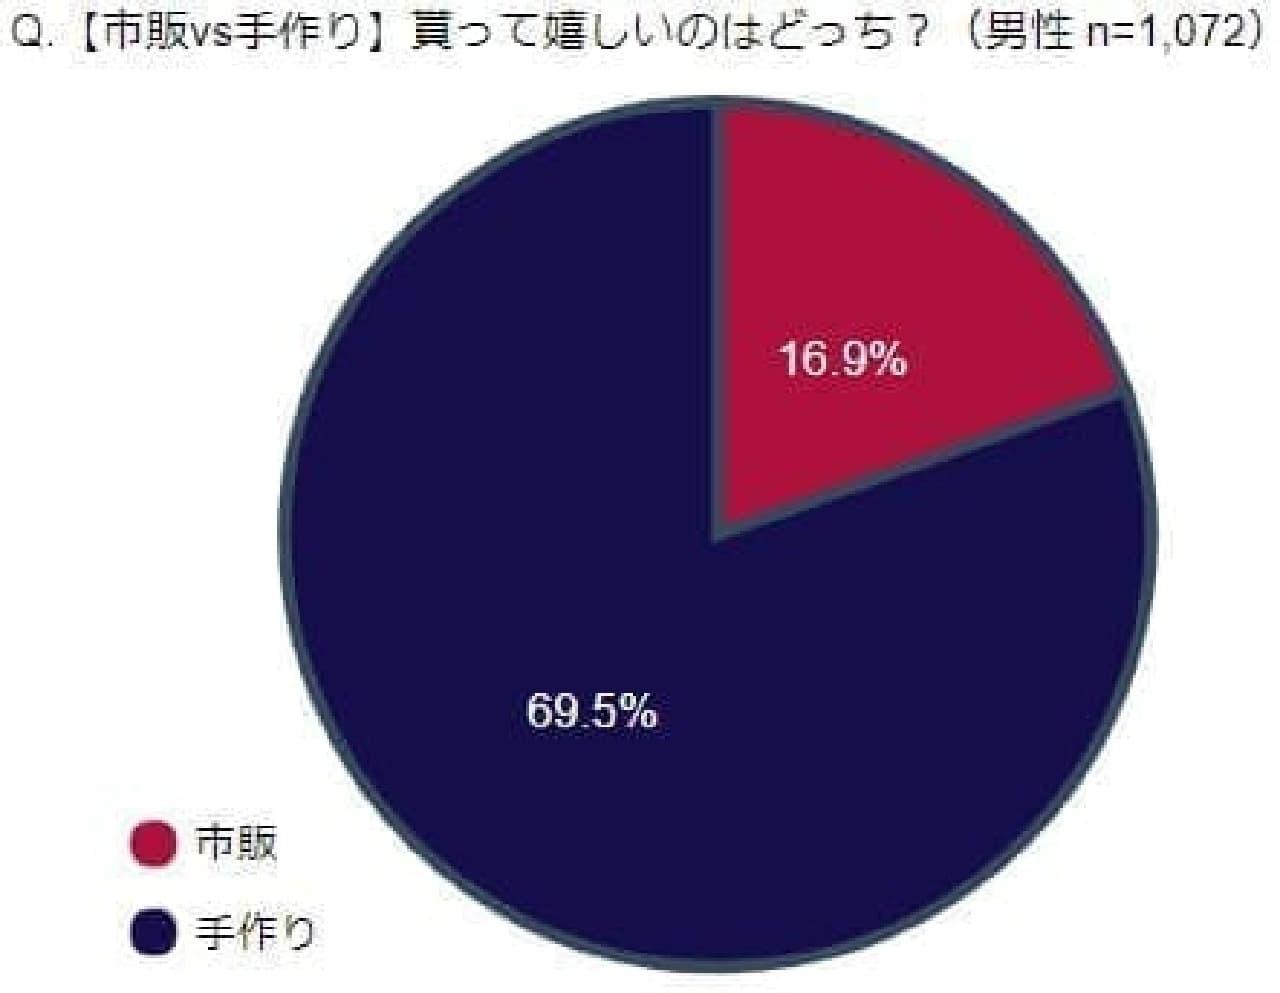 IBJが発表したバレンタイン関連調査結果